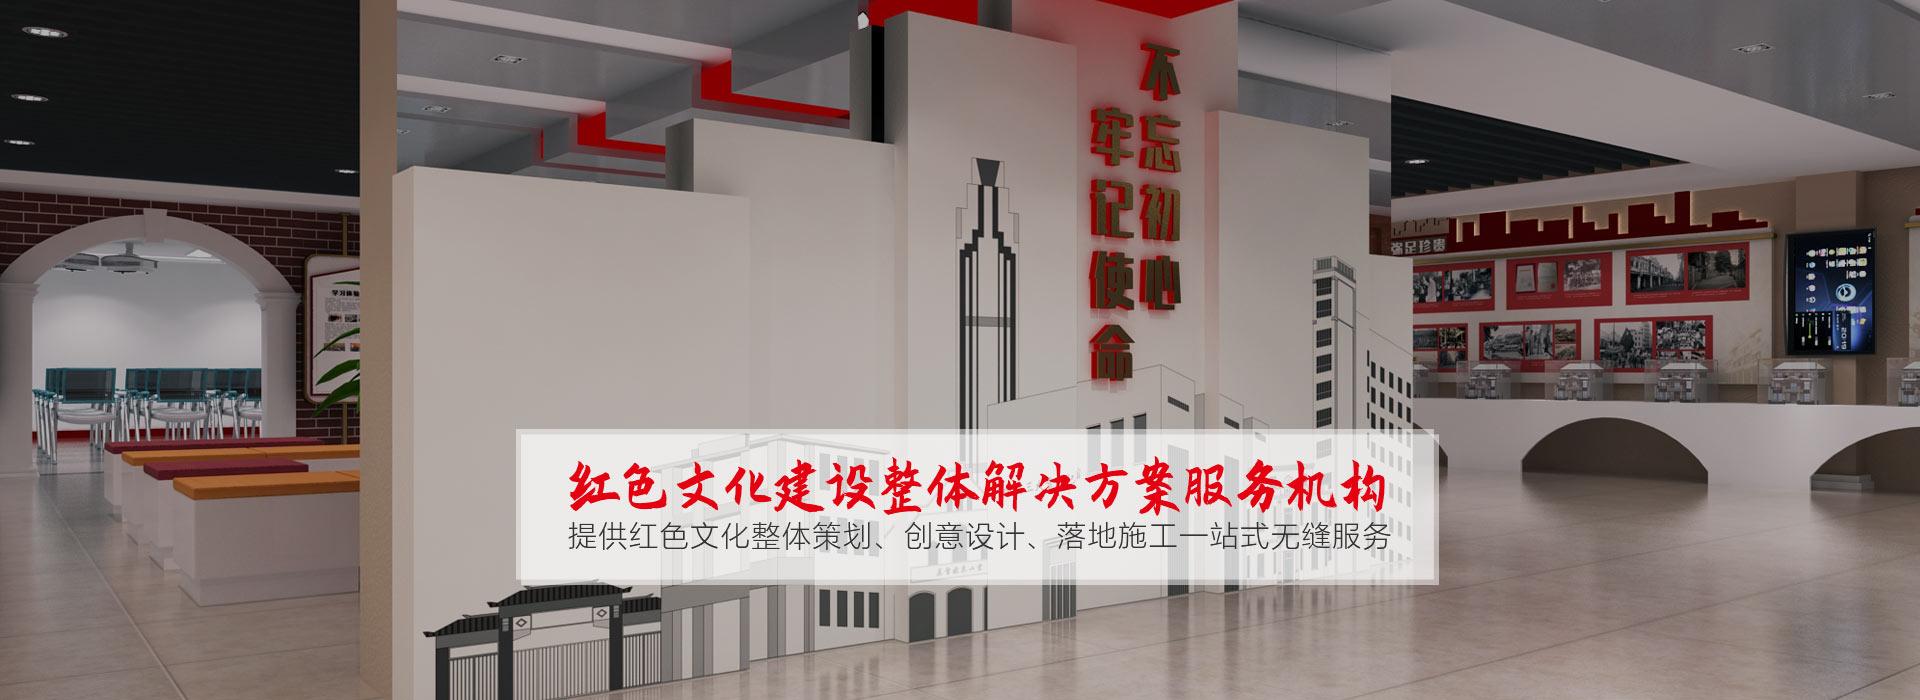 聚桥文创 红色文化建设整体解决方案服务机构